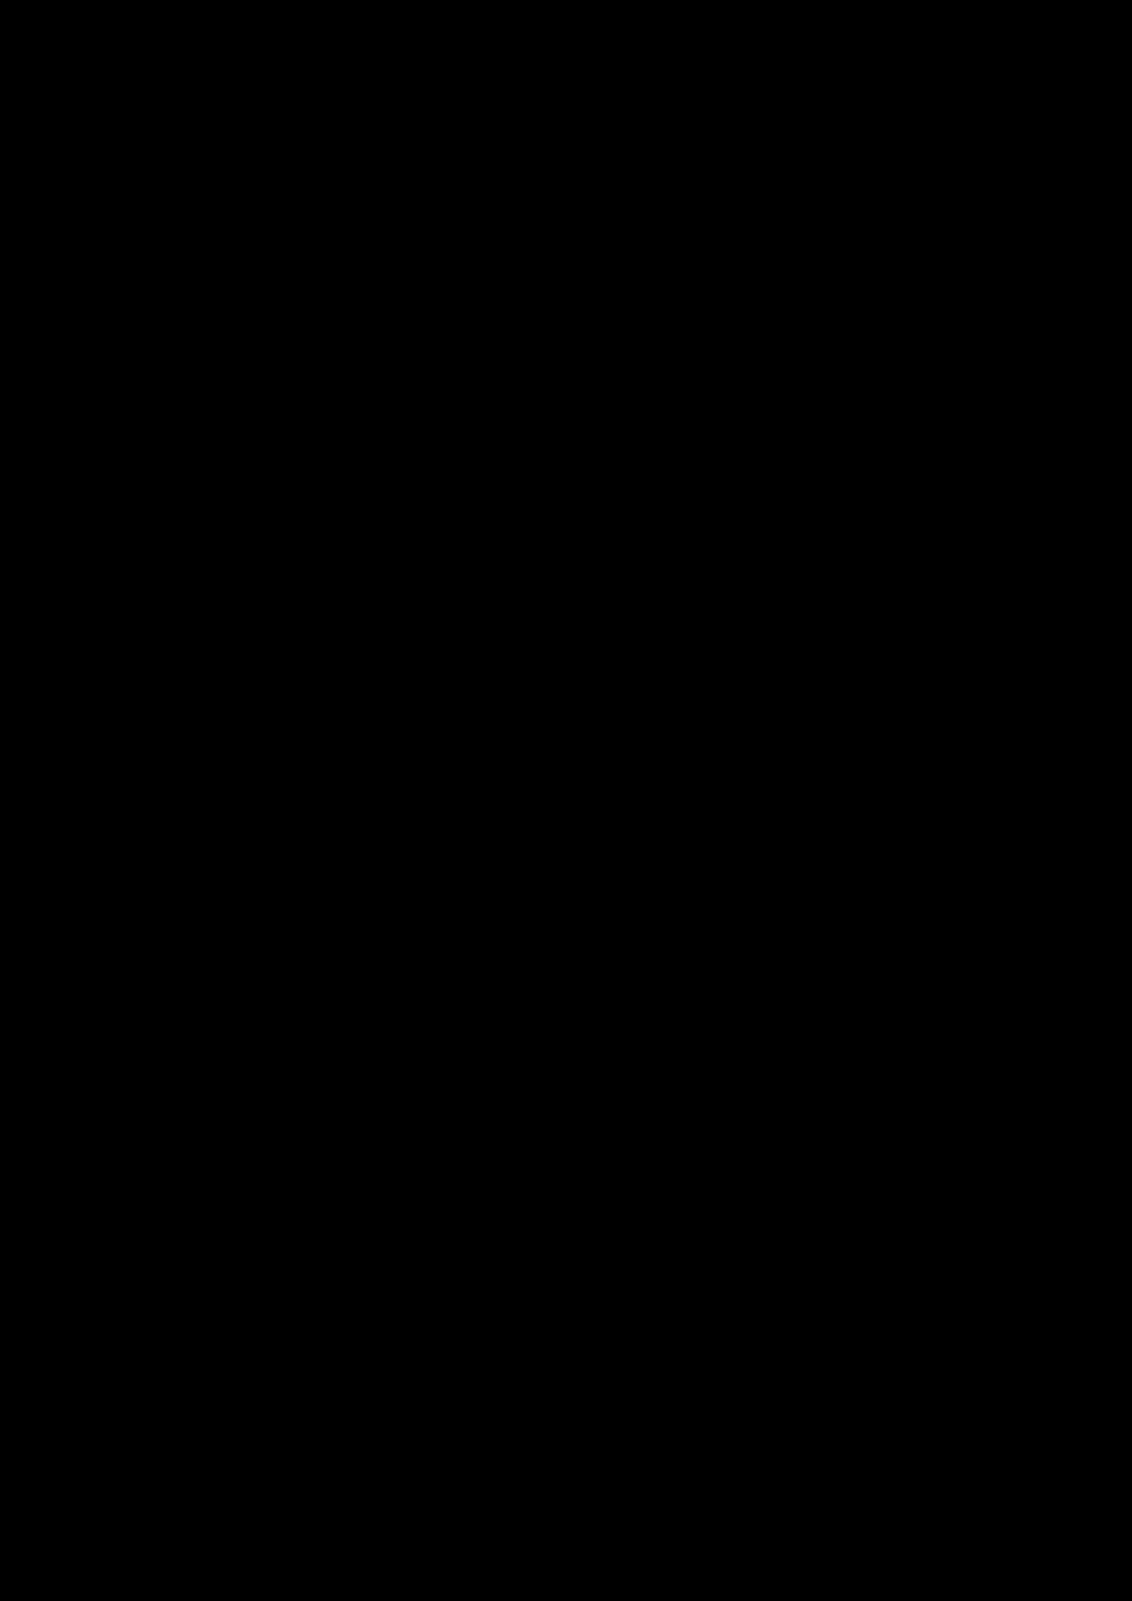 Serdtse slide, Image 48